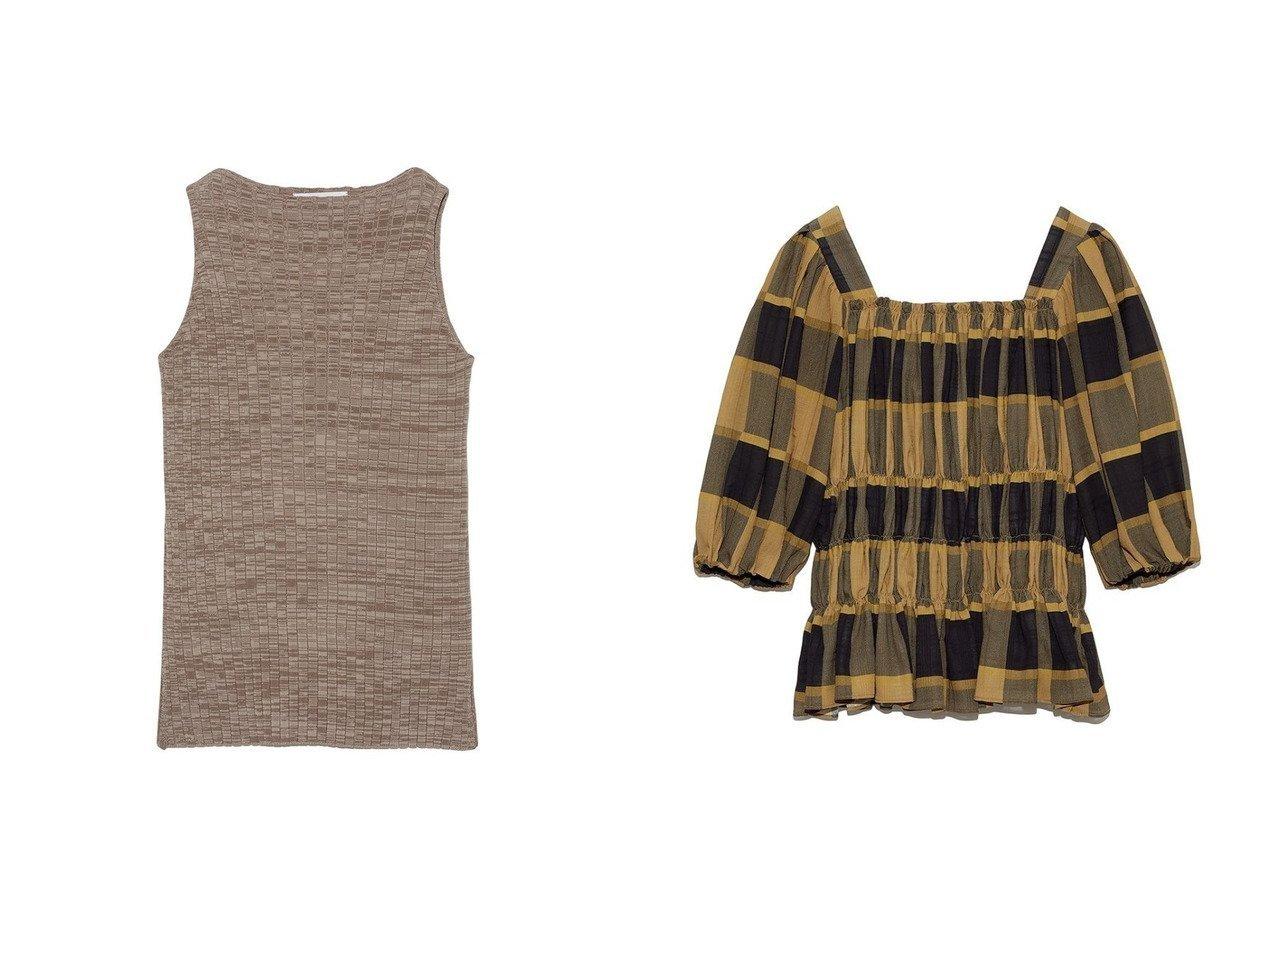 【Mila Owen/ミラオーウェン】のスクエアネックボリュームスリーブブラウス&アメスリリブタンクトップ ファッション雑誌・Webマガジン掲載、おすすめ!人気、トレンド・レディースファッションの通販 おすすめで人気の流行・トレンド、ファッションの通販商品 インテリア・家具・メンズファッション・キッズファッション・レディースファッション・服の通販 founy(ファニー) https://founy.com/ 雑誌掲載アイテム Magazine Items ファッション雑誌 Fashion Magazines ビジンヒャッカ 美人百花 ウィズ with ファッション Fashion レディースファッション WOMEN トップス・カットソー Tops/Tshirt ニット Knit Tops シャツ/ブラウス Shirts/Blouses ボリュームスリーブ / フリル袖 Volume Sleeve 7月号 アメリカン インナー スリーブ パープル ベーシック 今季 雑誌 |ID:crp329100000060890